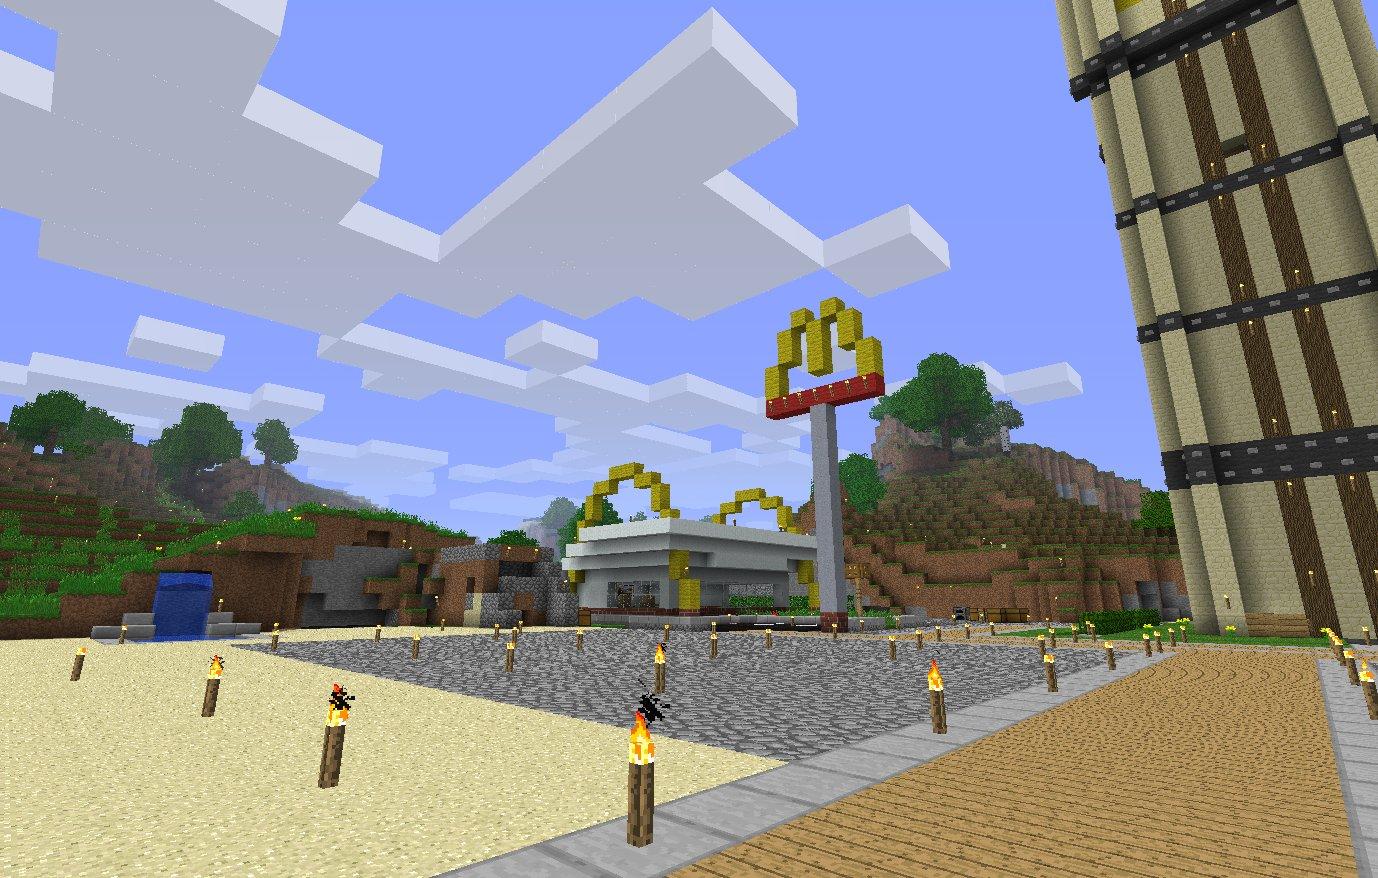 McDonald's Restaurant Ed04d62f-8ffd-4452-af8d-e37922572213